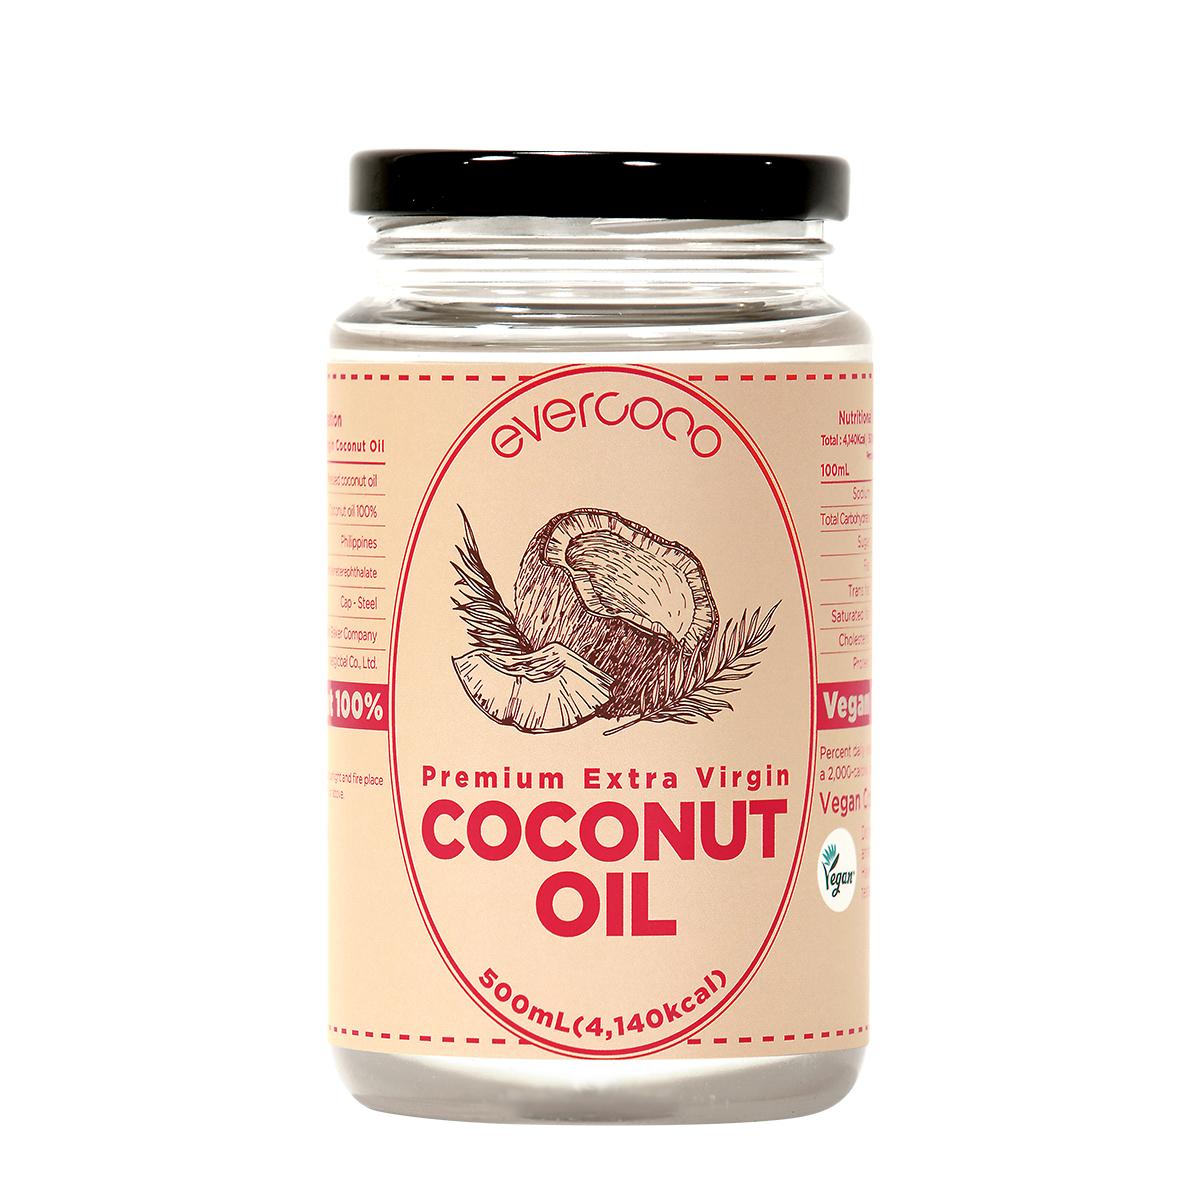 에버코코 프리미엄 엑스트라버진 코코넛오일, 500ml, 1개